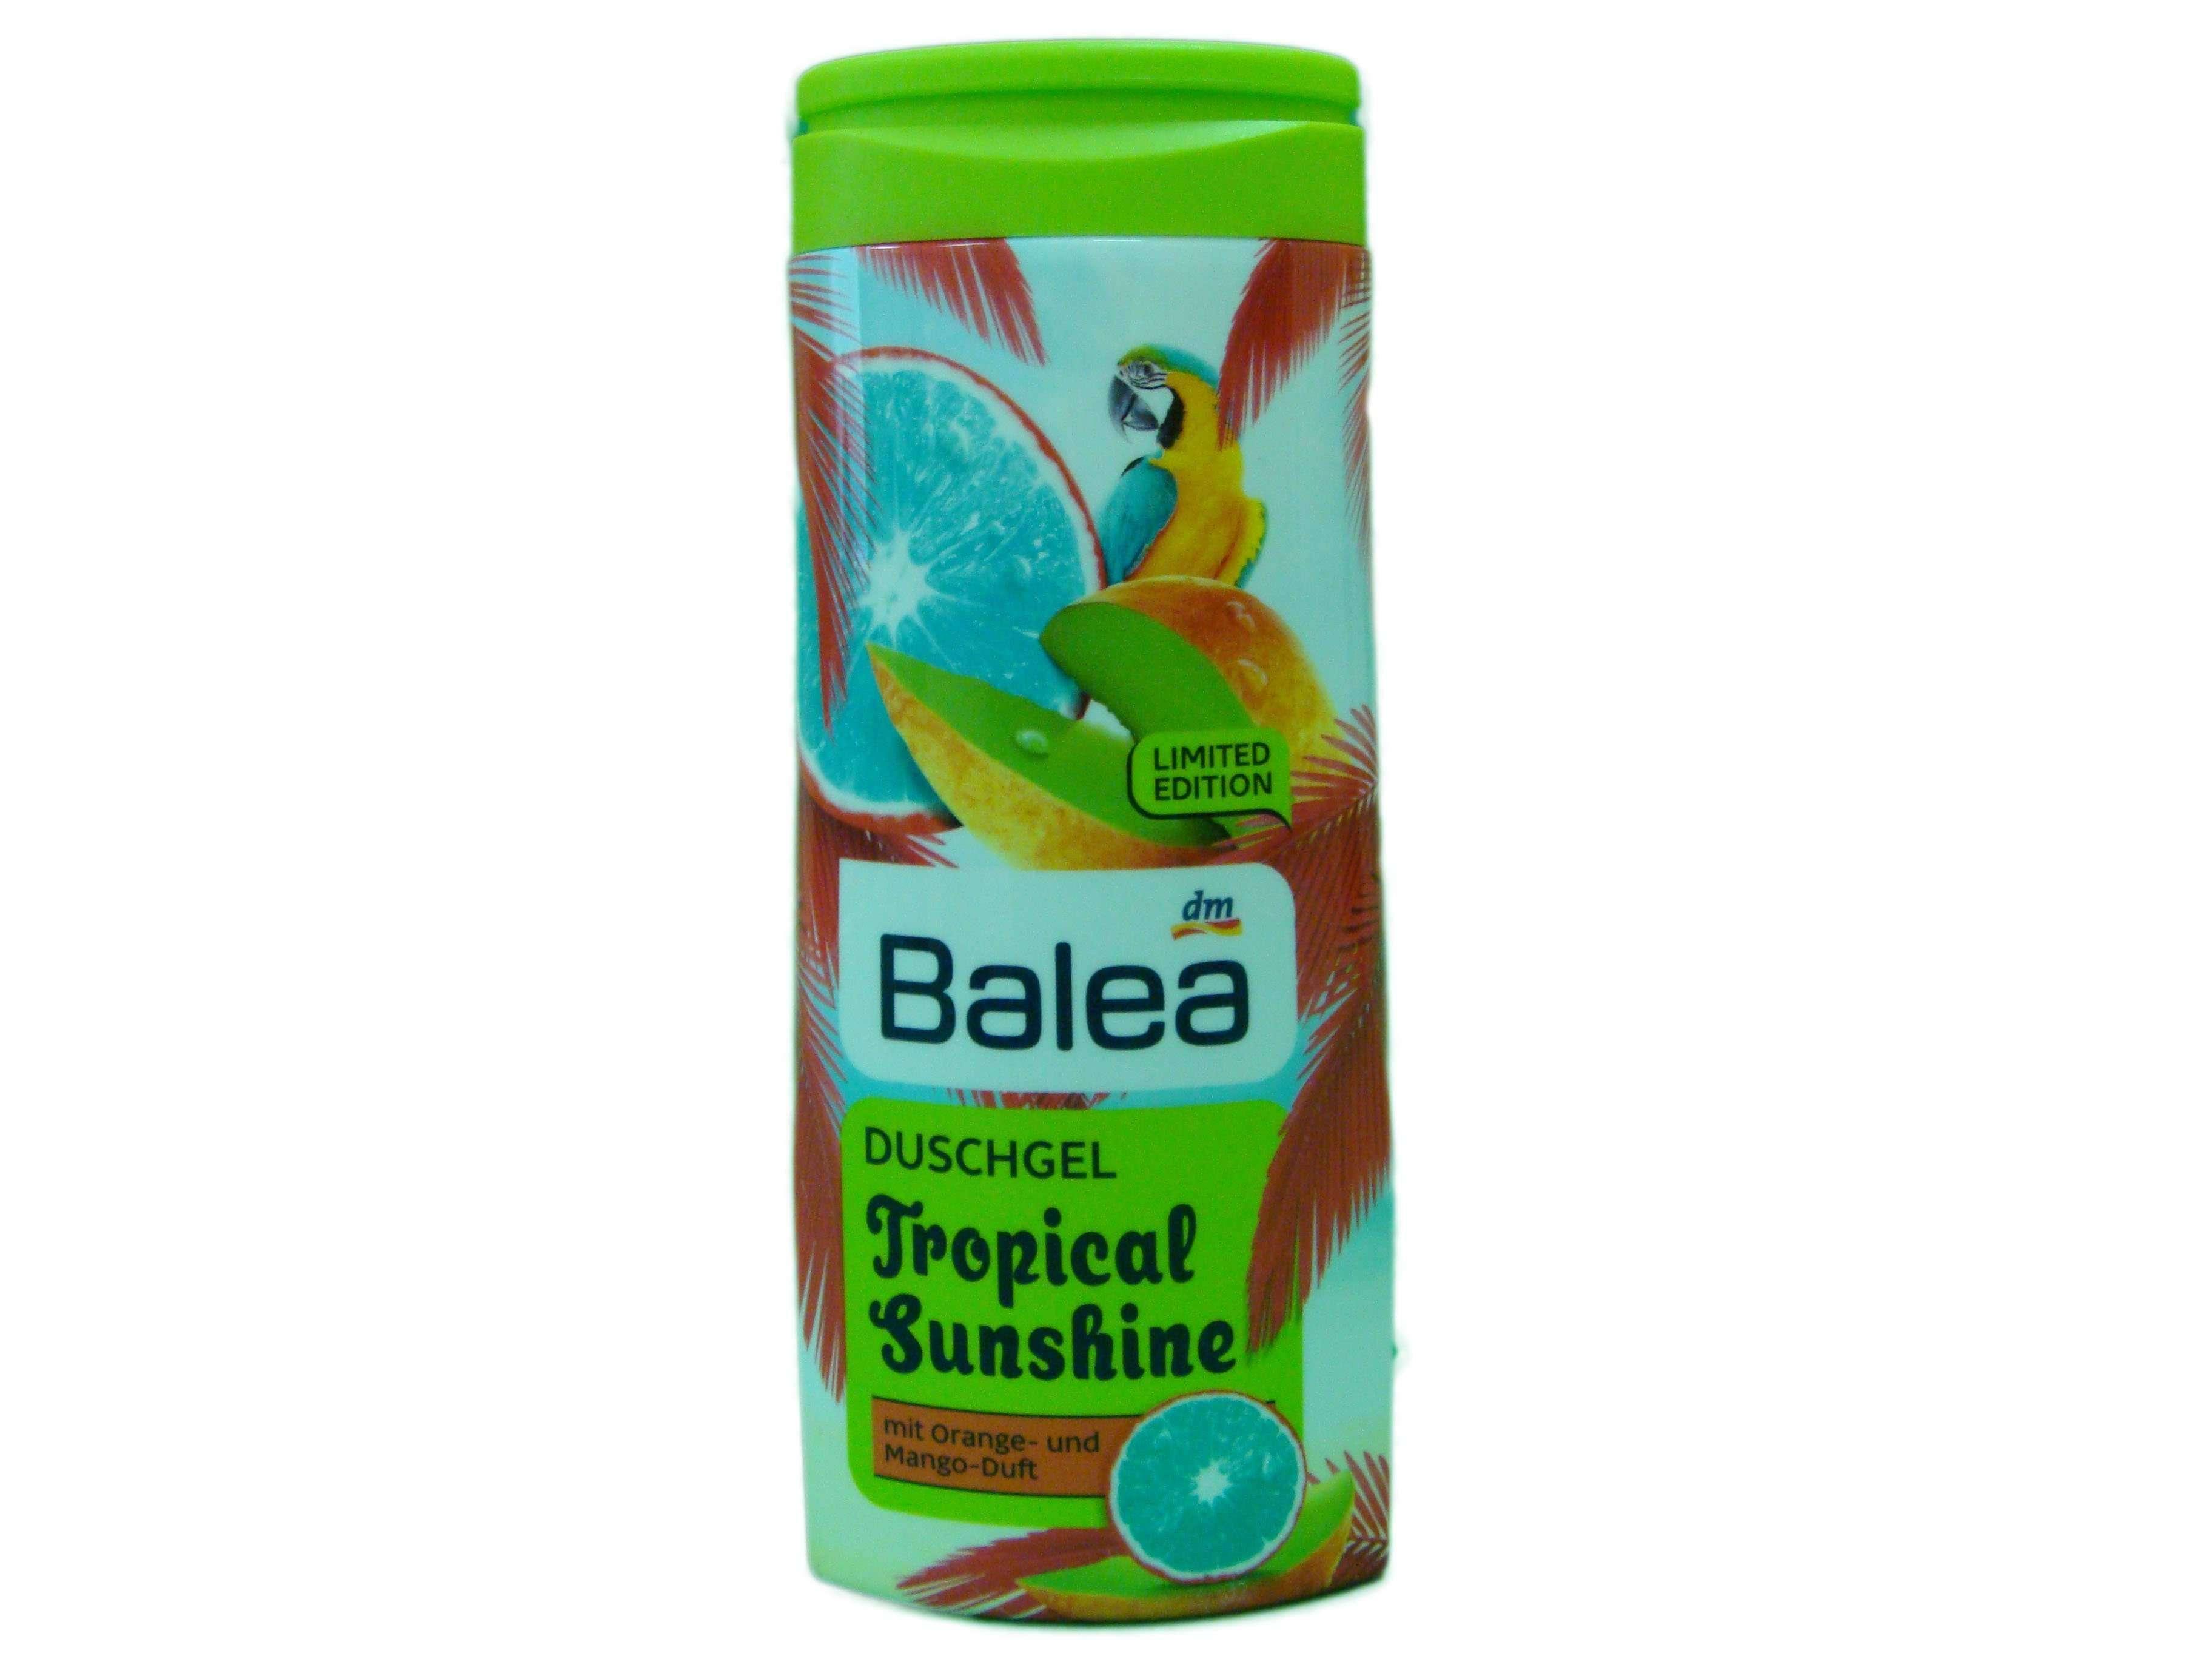 Гель для душа с увлажняющей формулой Balea Tropicall Sunshine